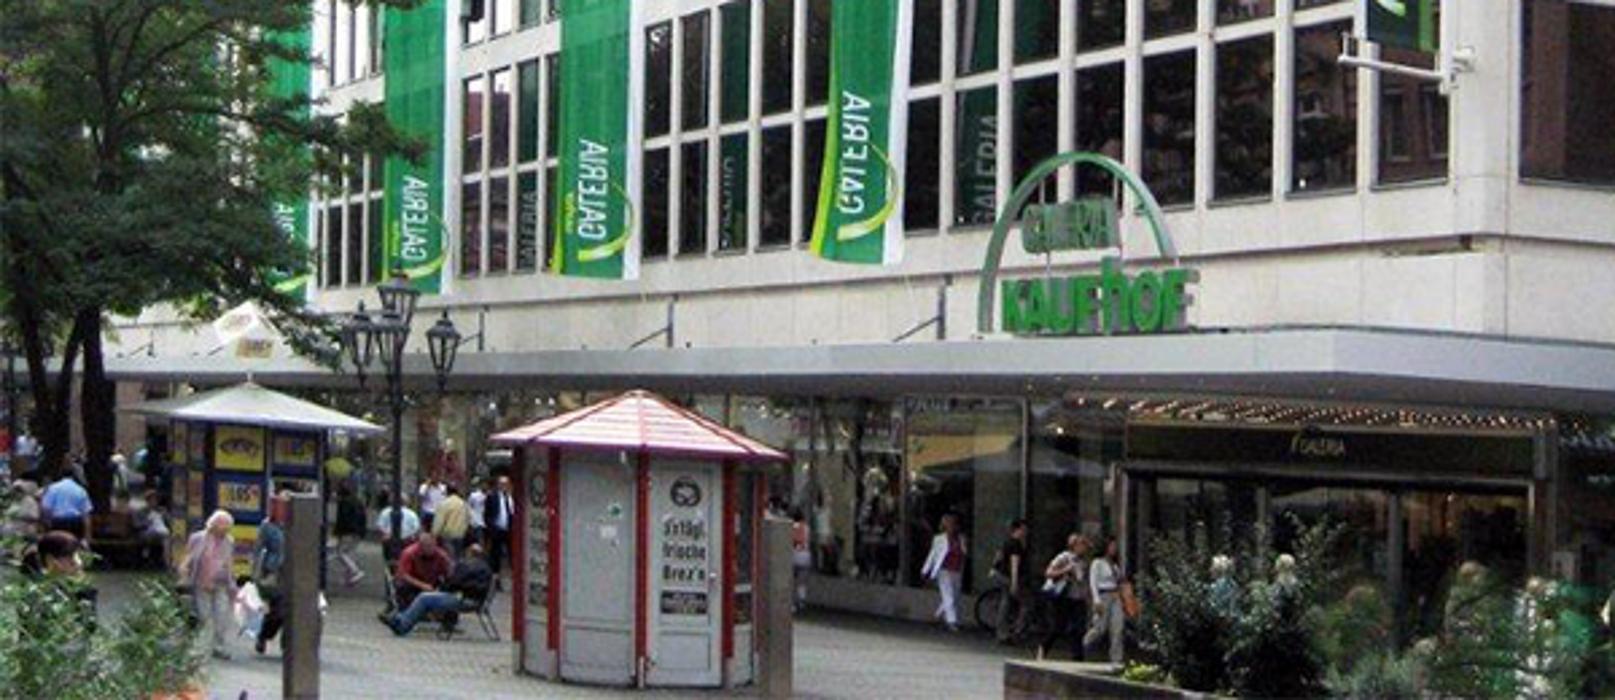 GALERIA (Kaufhof) Nürnberg Königstraße, Königstraße in Nürnberg